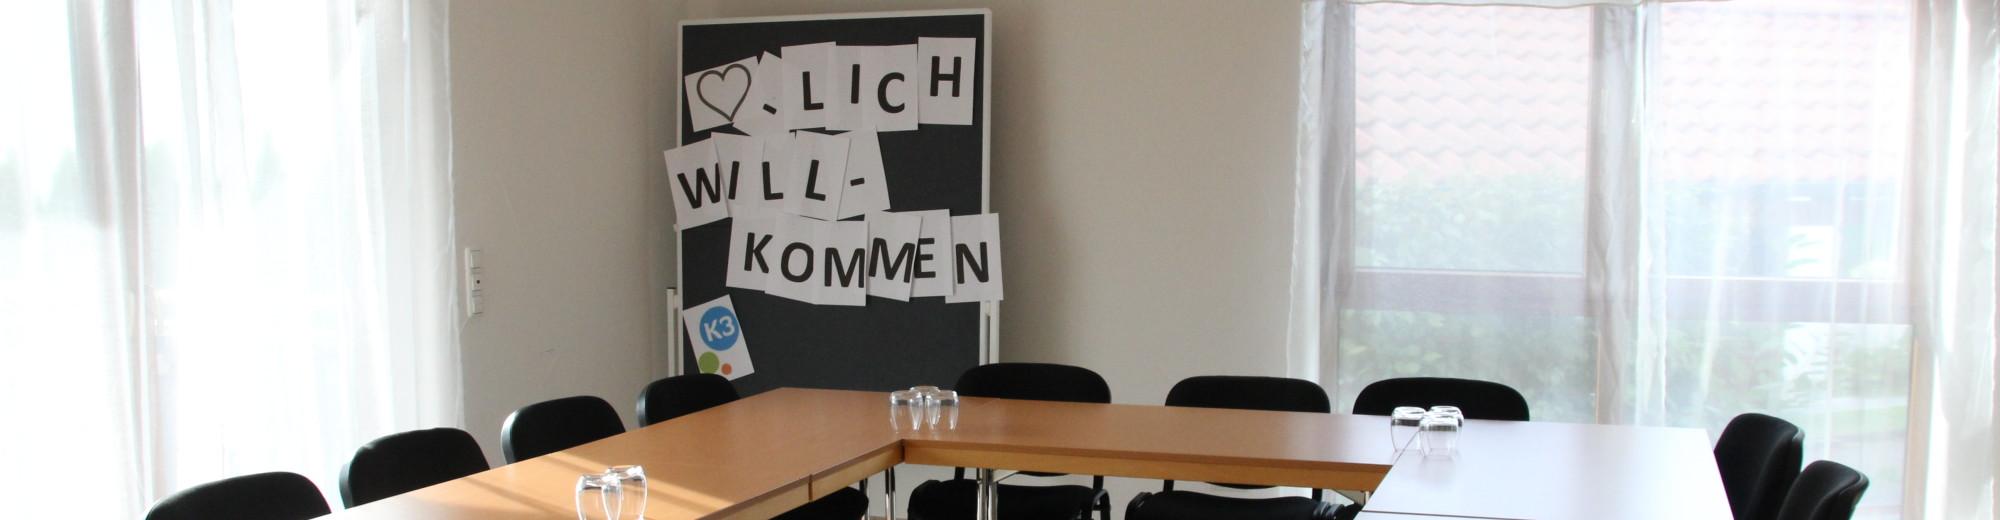 Willkommen bei der K3 Coaching GmbH!